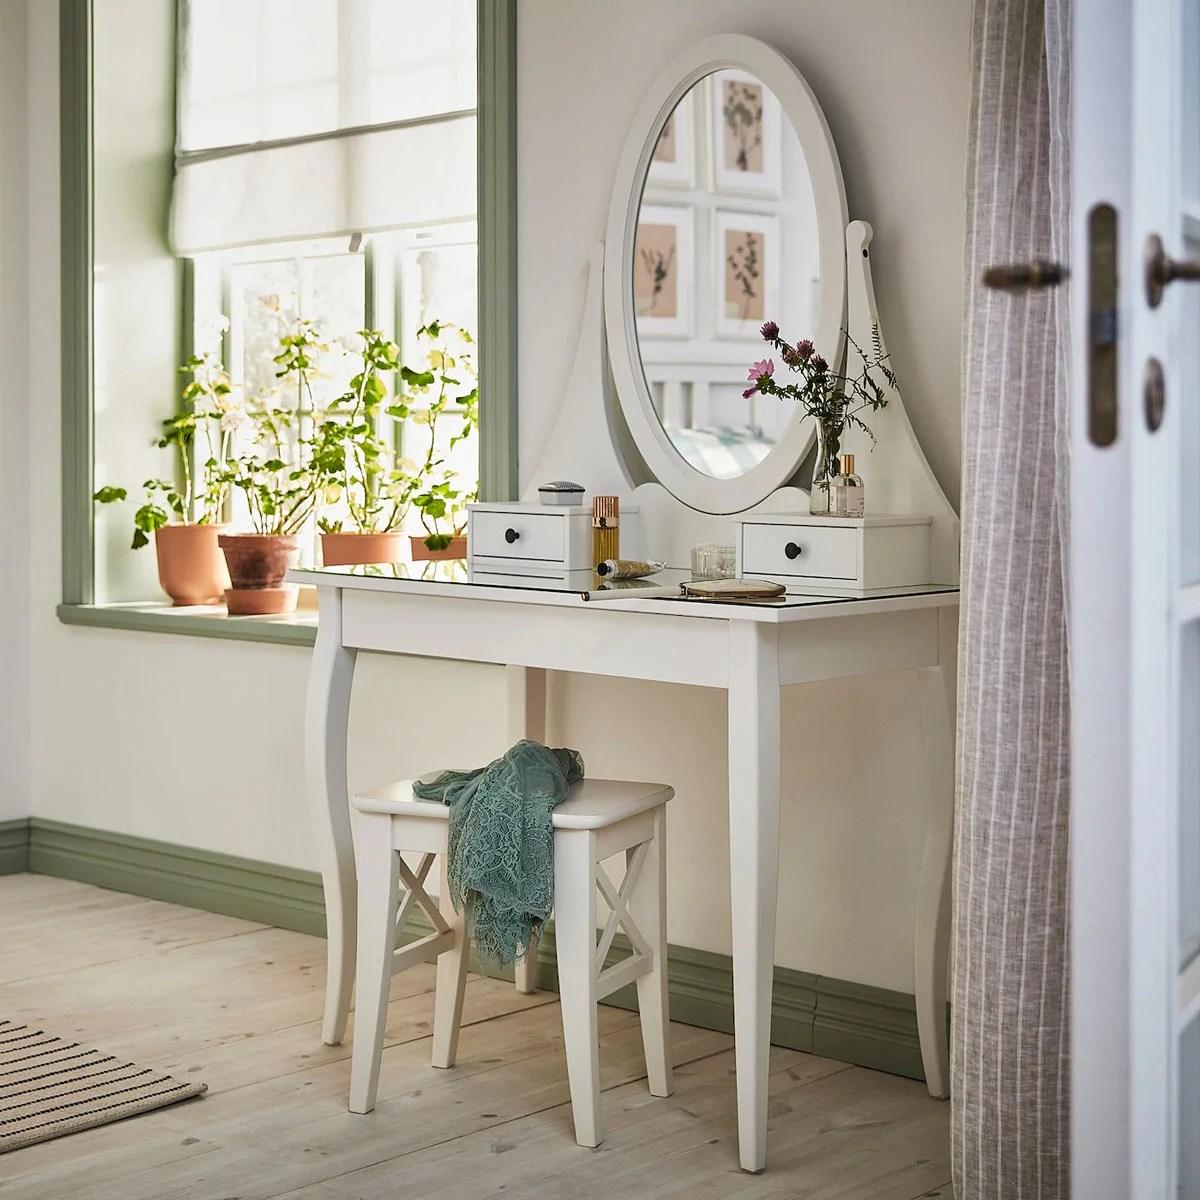 Shabby chic vicky interiors restyling di mobili e creazione di complementi d'arredo in stile. Mobili In Stile Provenzale Ikea